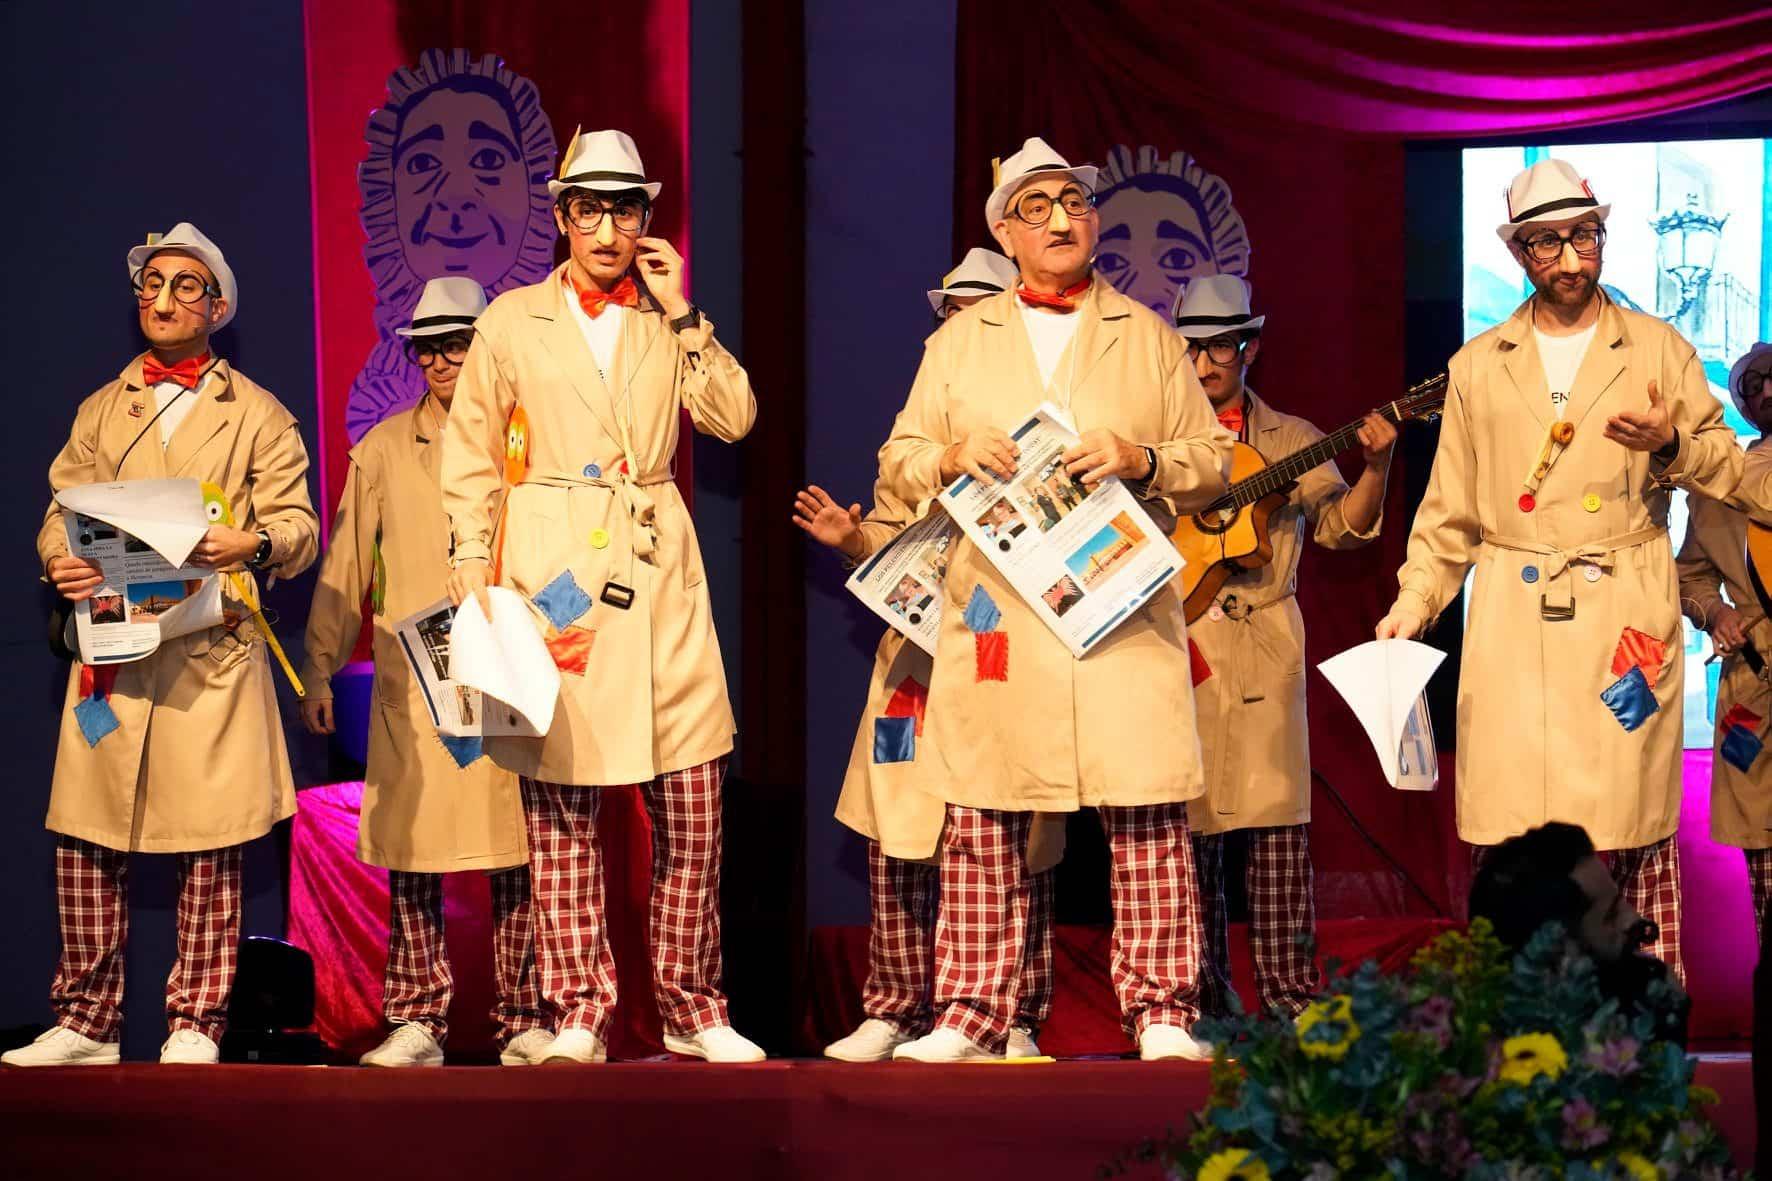 inauguracion carnaval 2020 herencia 15 - Inauguración del Carnaval de Herencia 2020